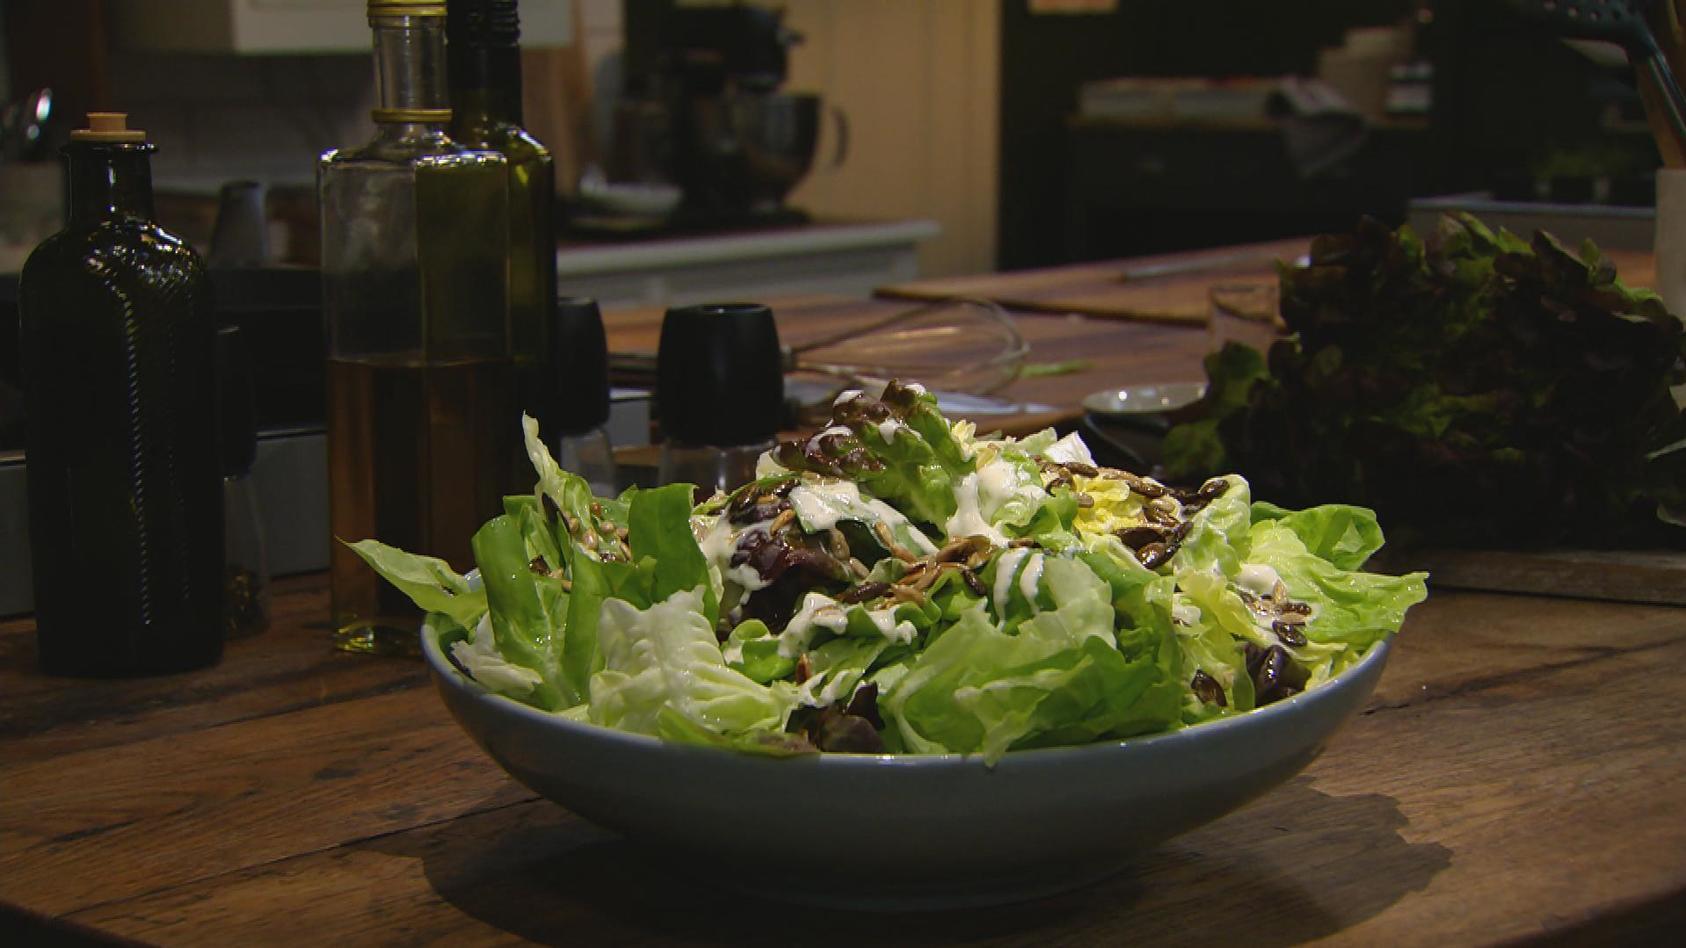 Ab in den Ofen – Leckere Aufläufe: Grüner Salat mit Sahne-Vinaigrette